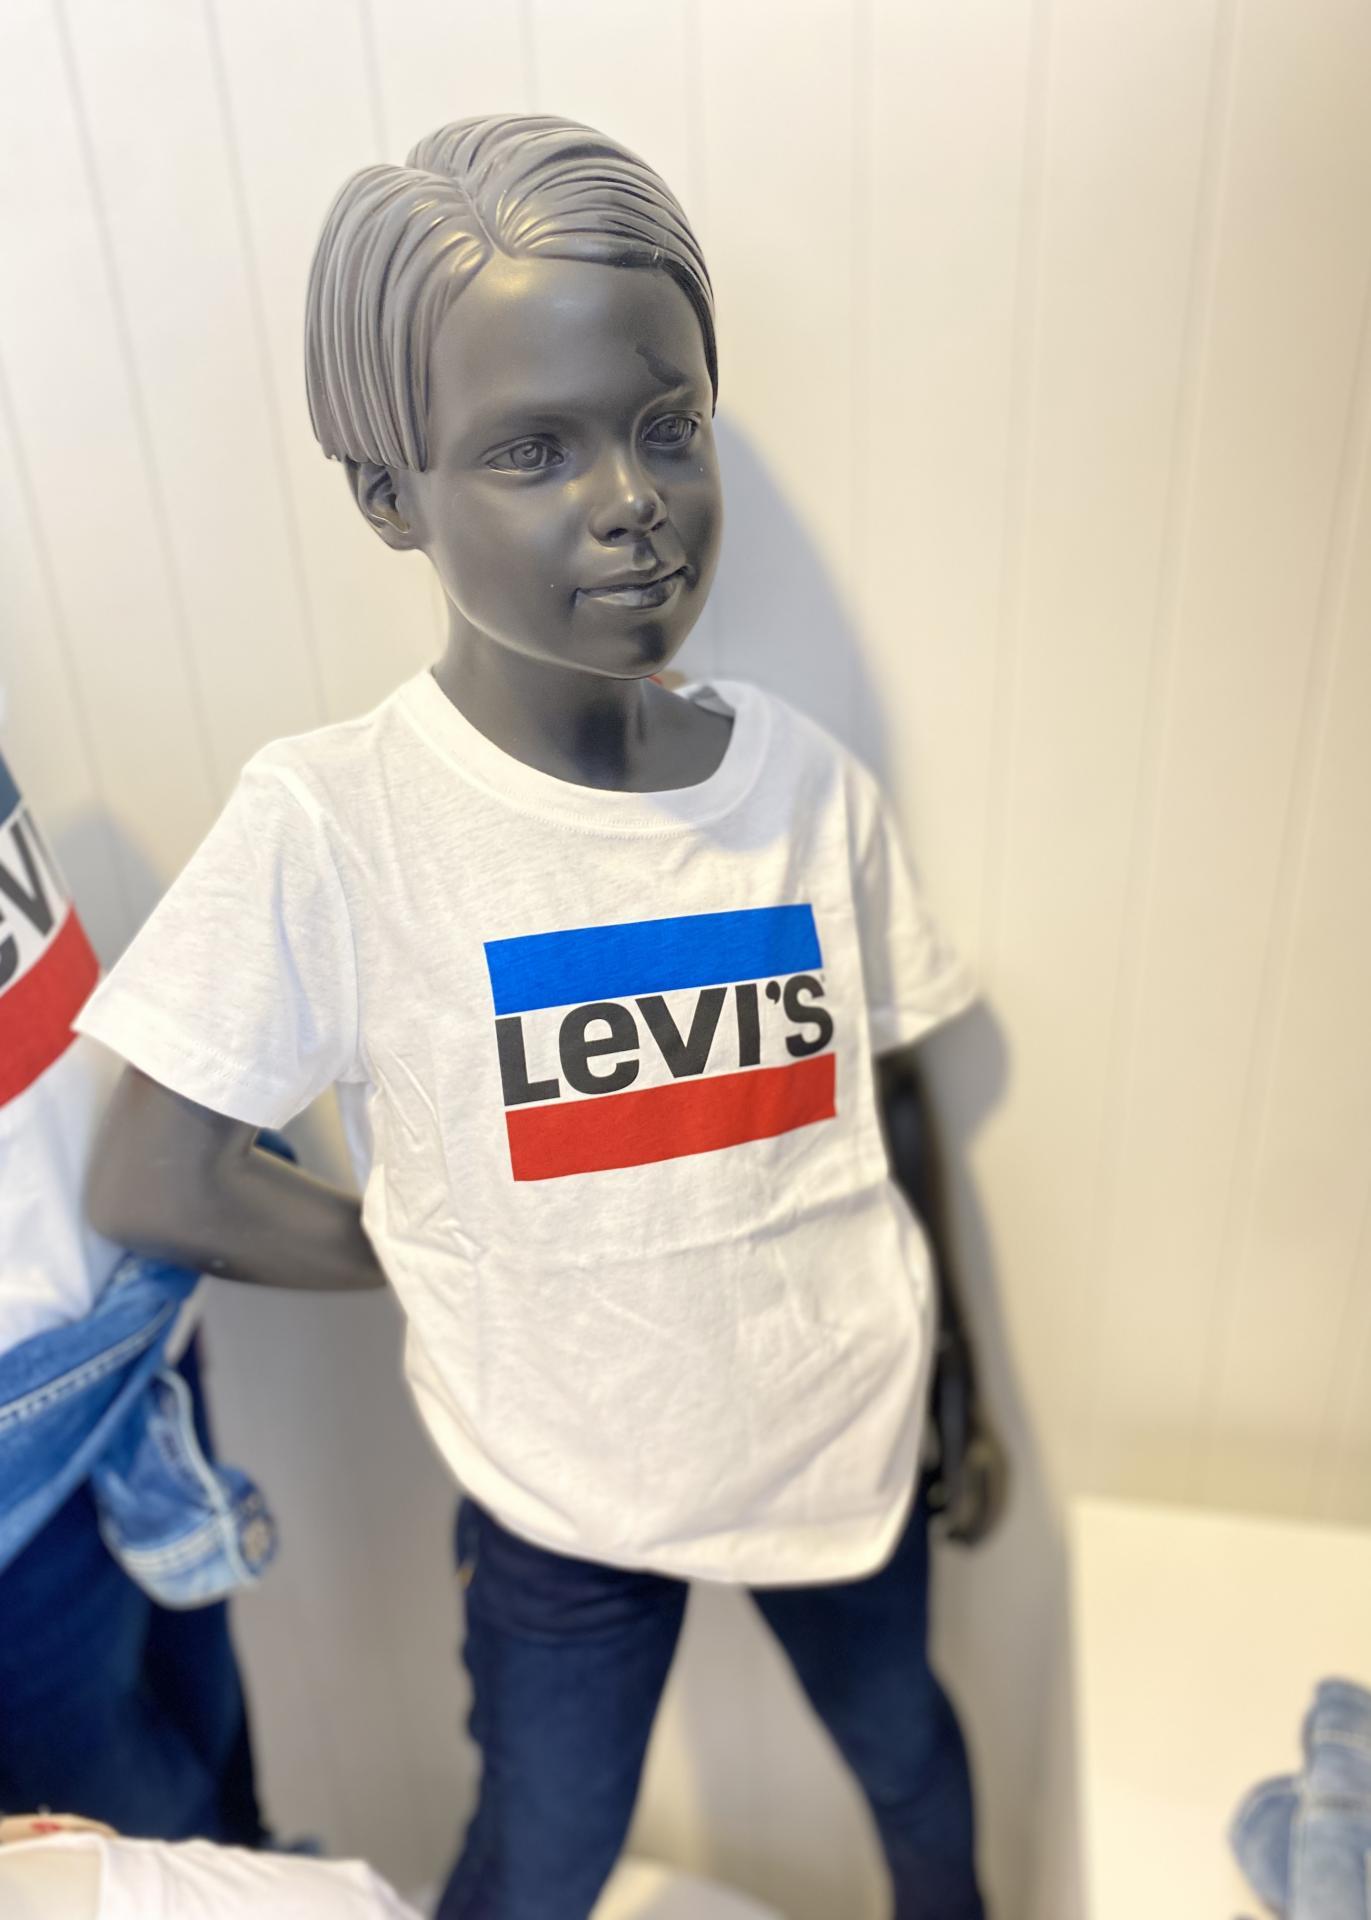 Camiseta Levis unisex